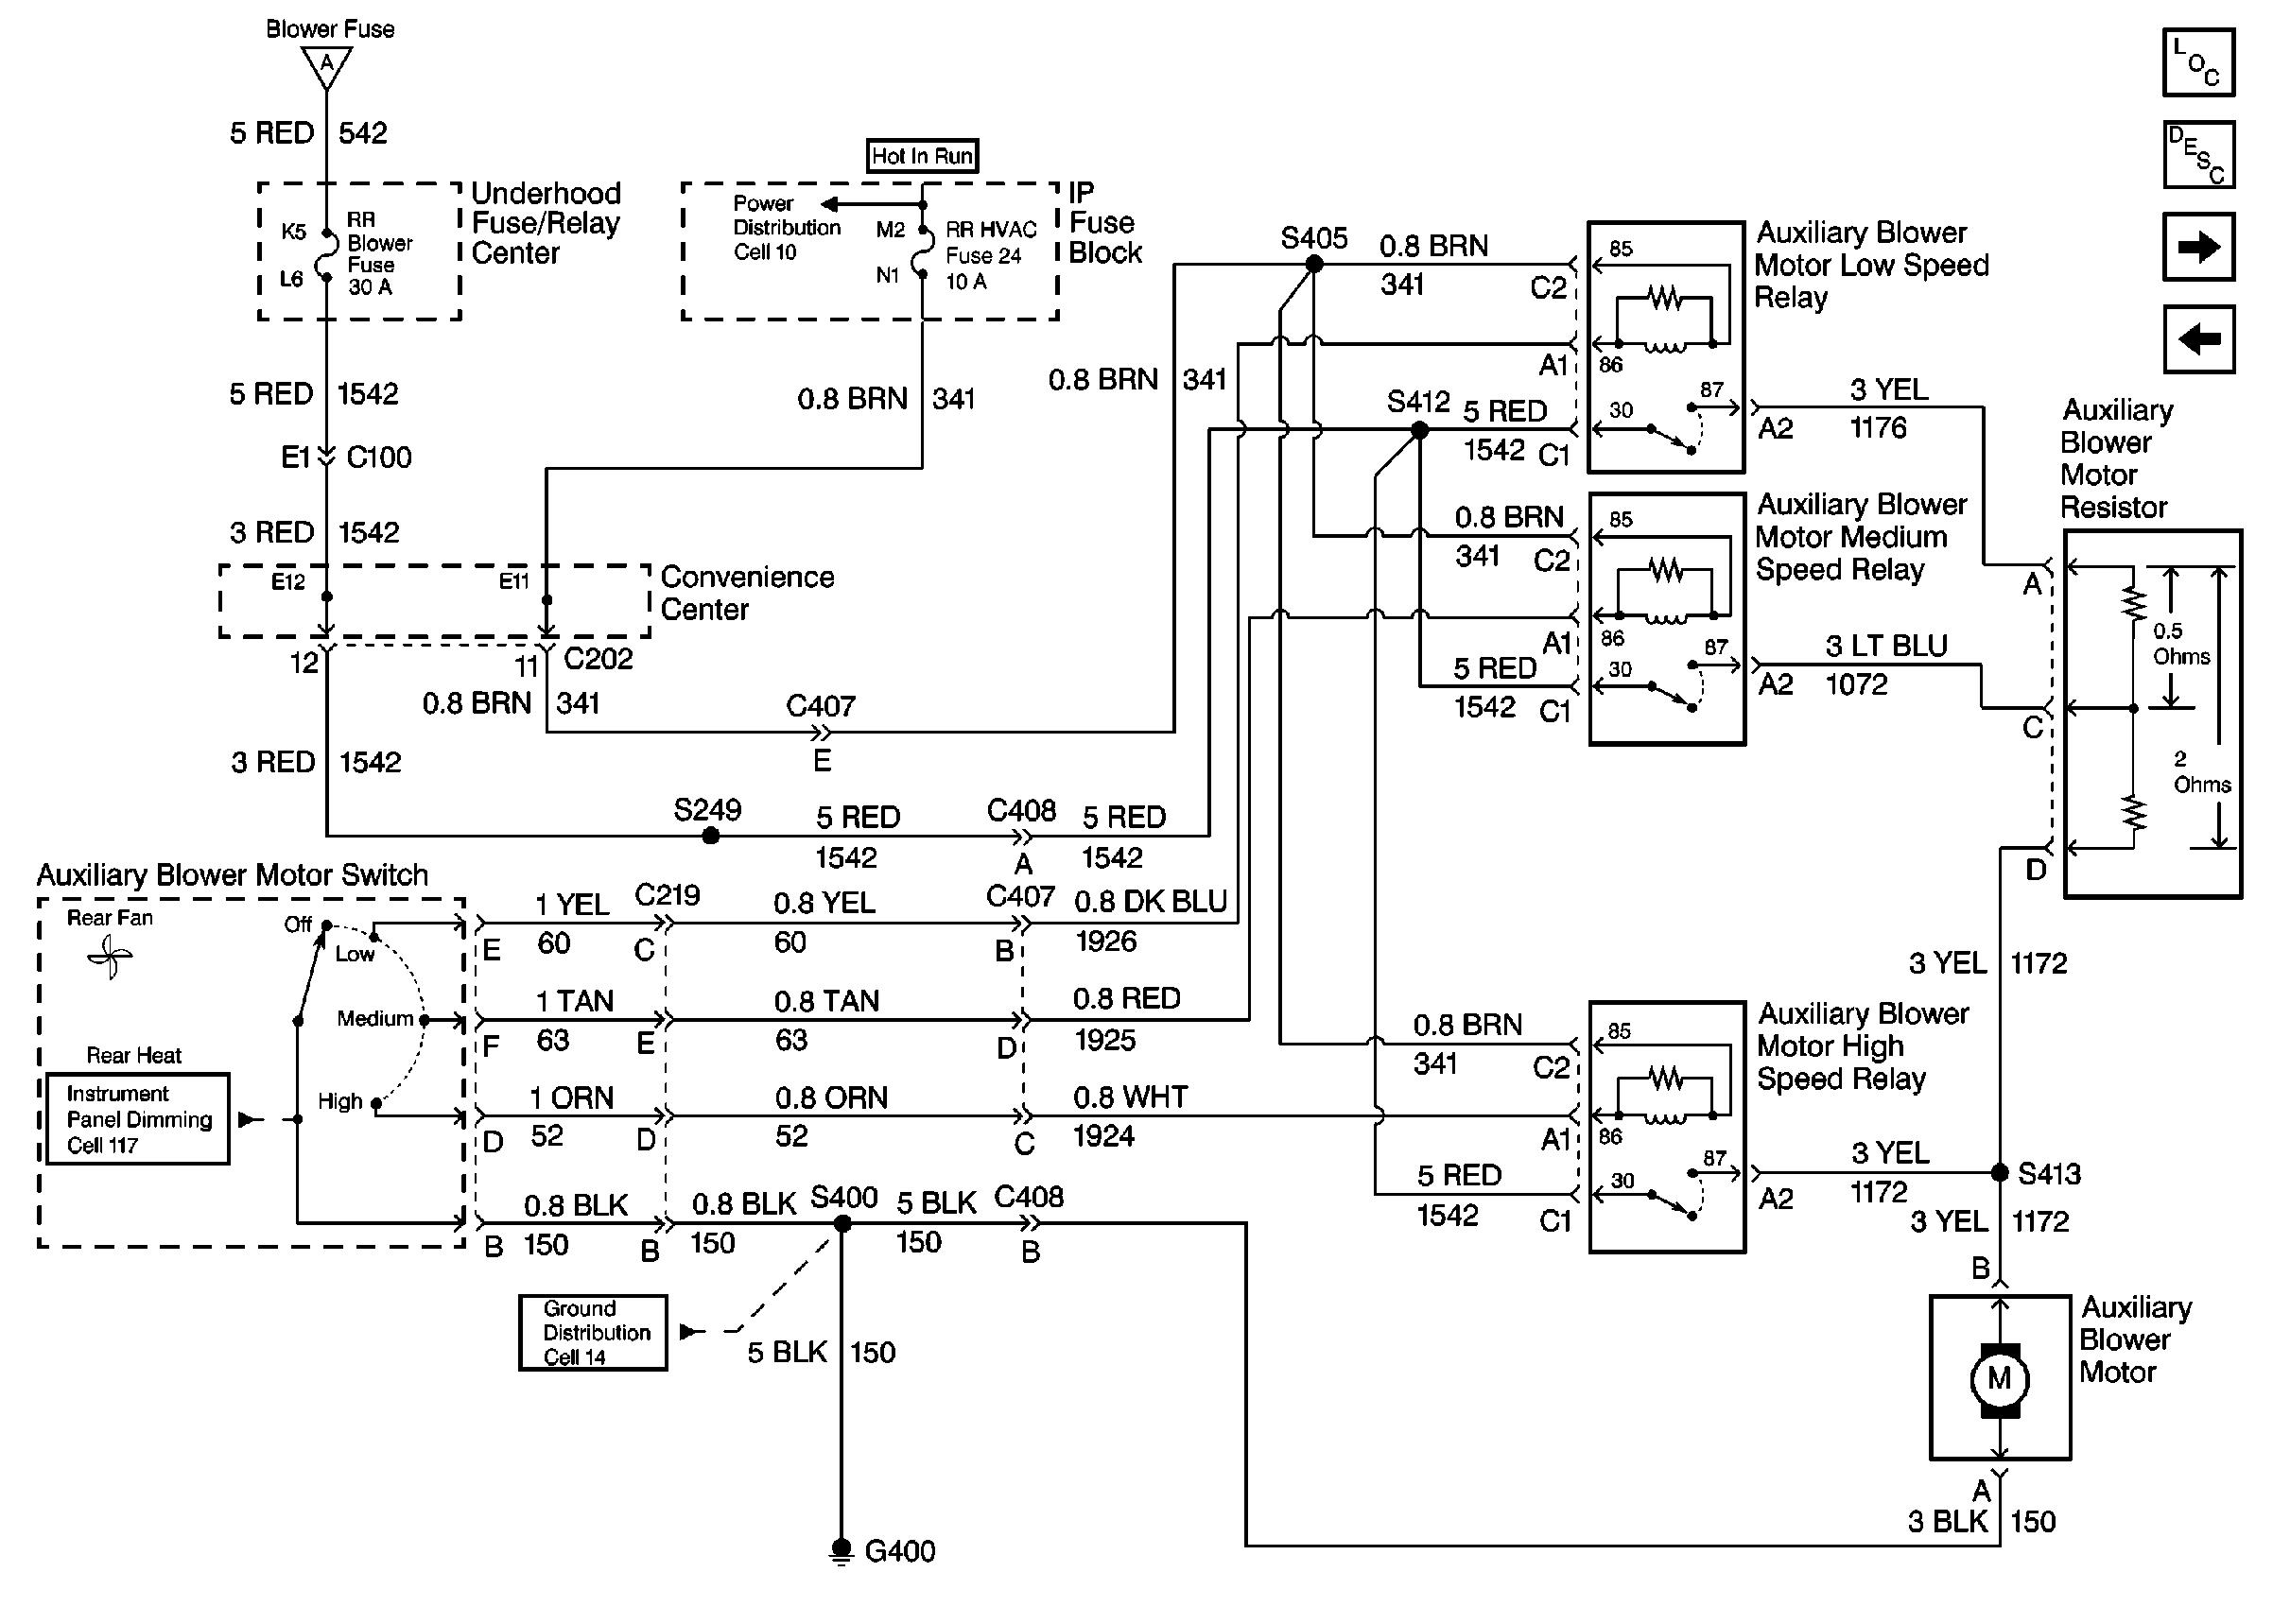 2014 Chevy Silverado Ignition Wiring Diagram : Silverado wiring diagram fuse